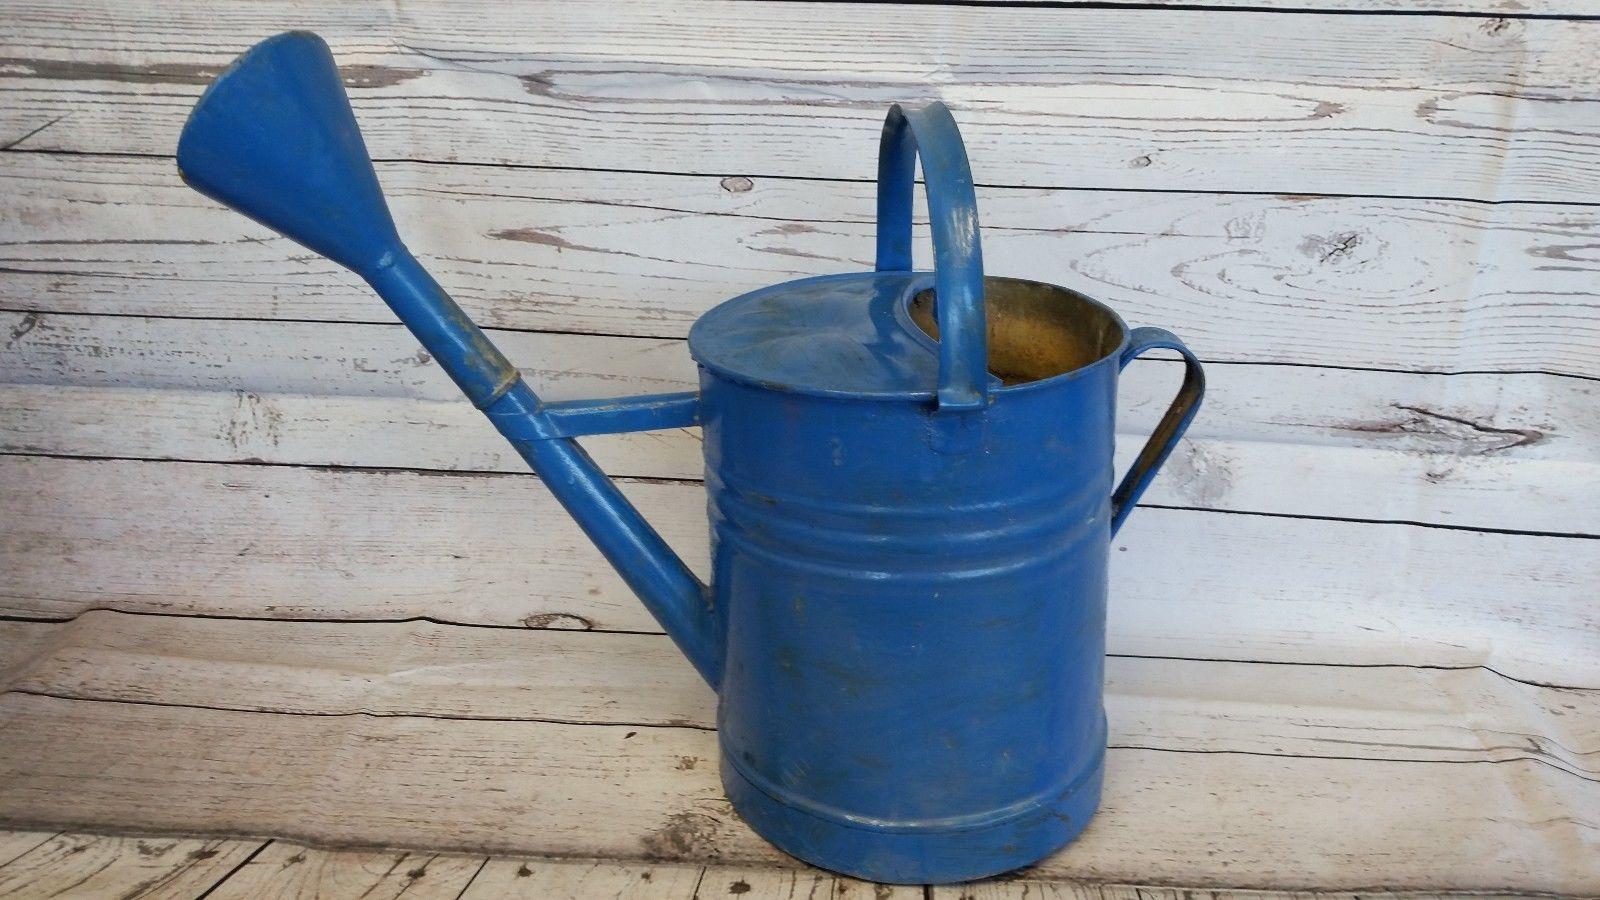 details about old vintage hand-painted blue garden sprinkler